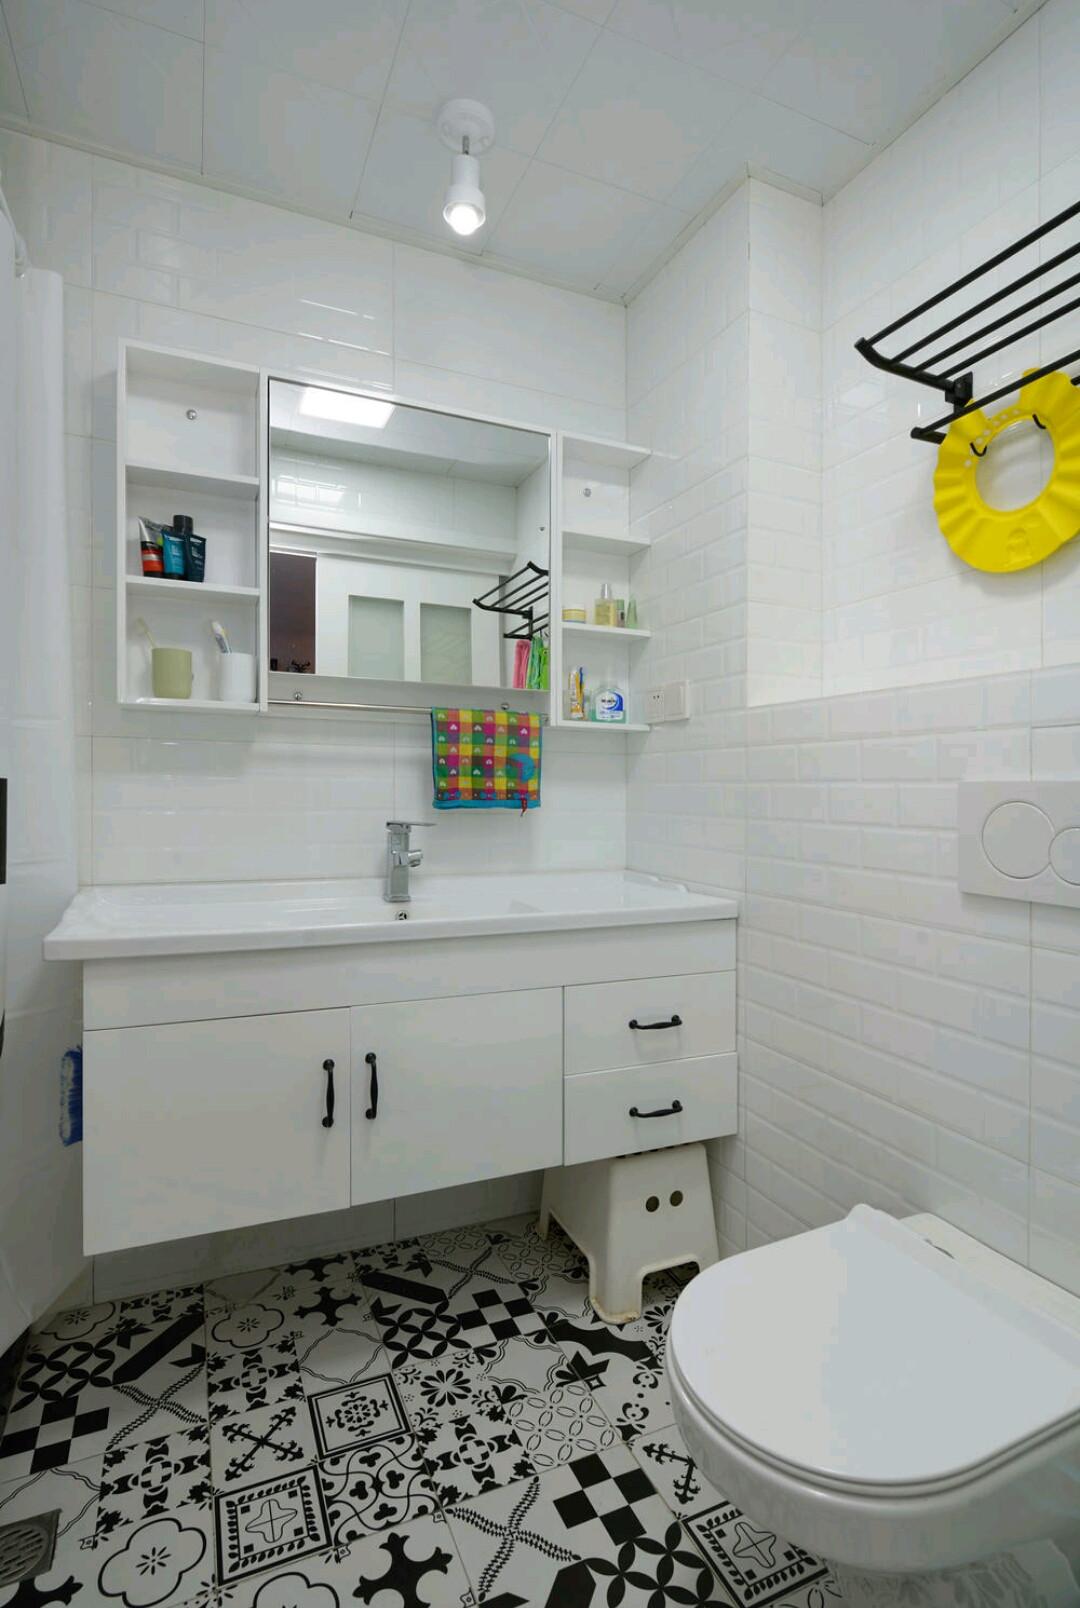 装修效果图 家居美图 75平米两室一厅白色厨房2平米卫生间洗手台图片